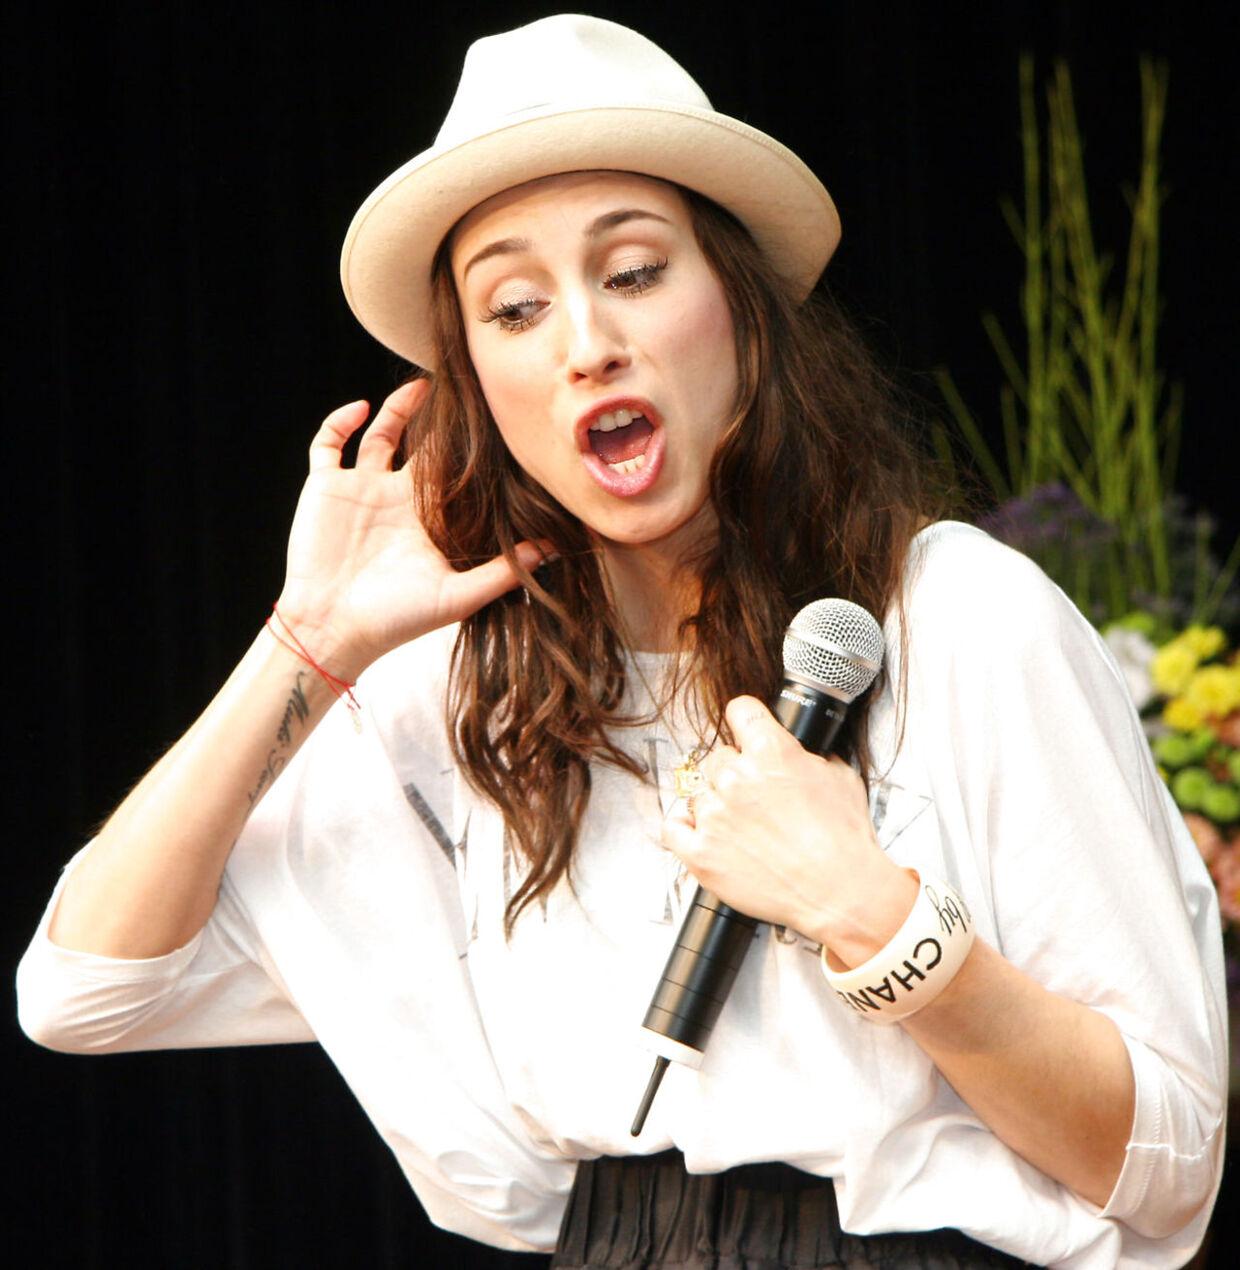 Medina koncert i Rødovre, sanger, sangerinde.